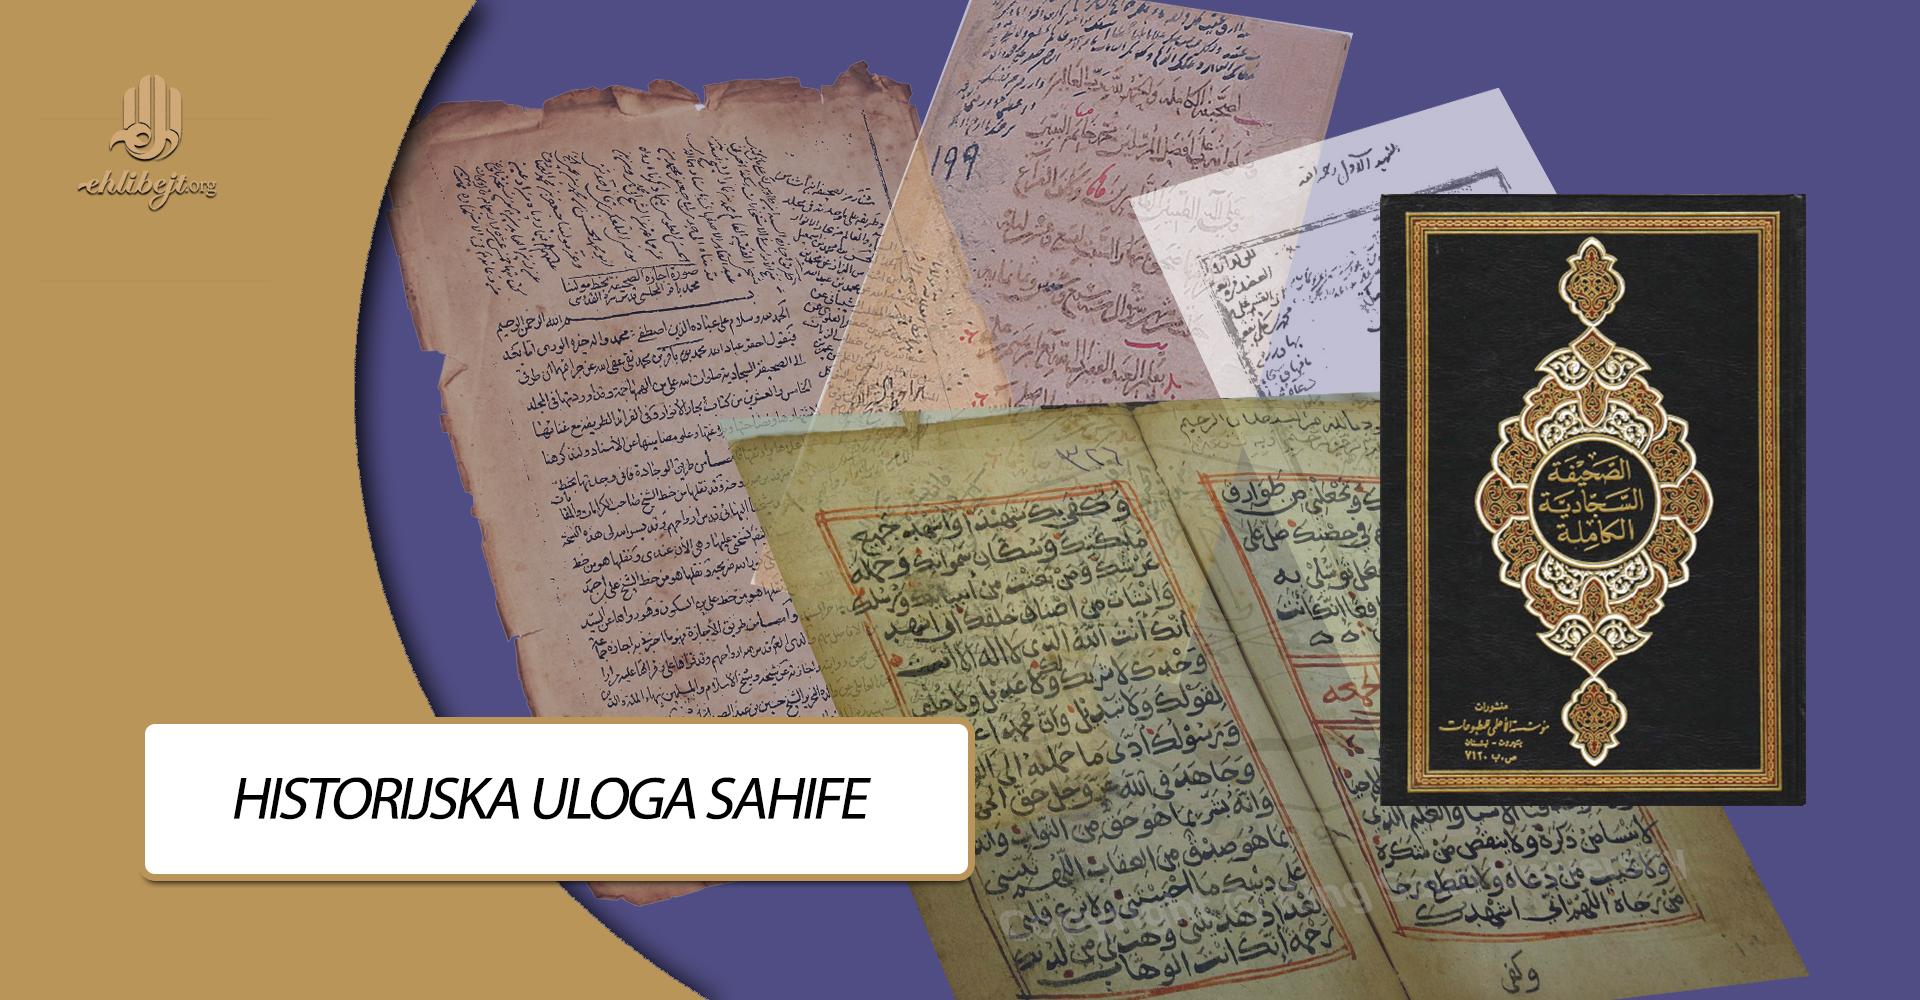 Historijska uloga Sahife